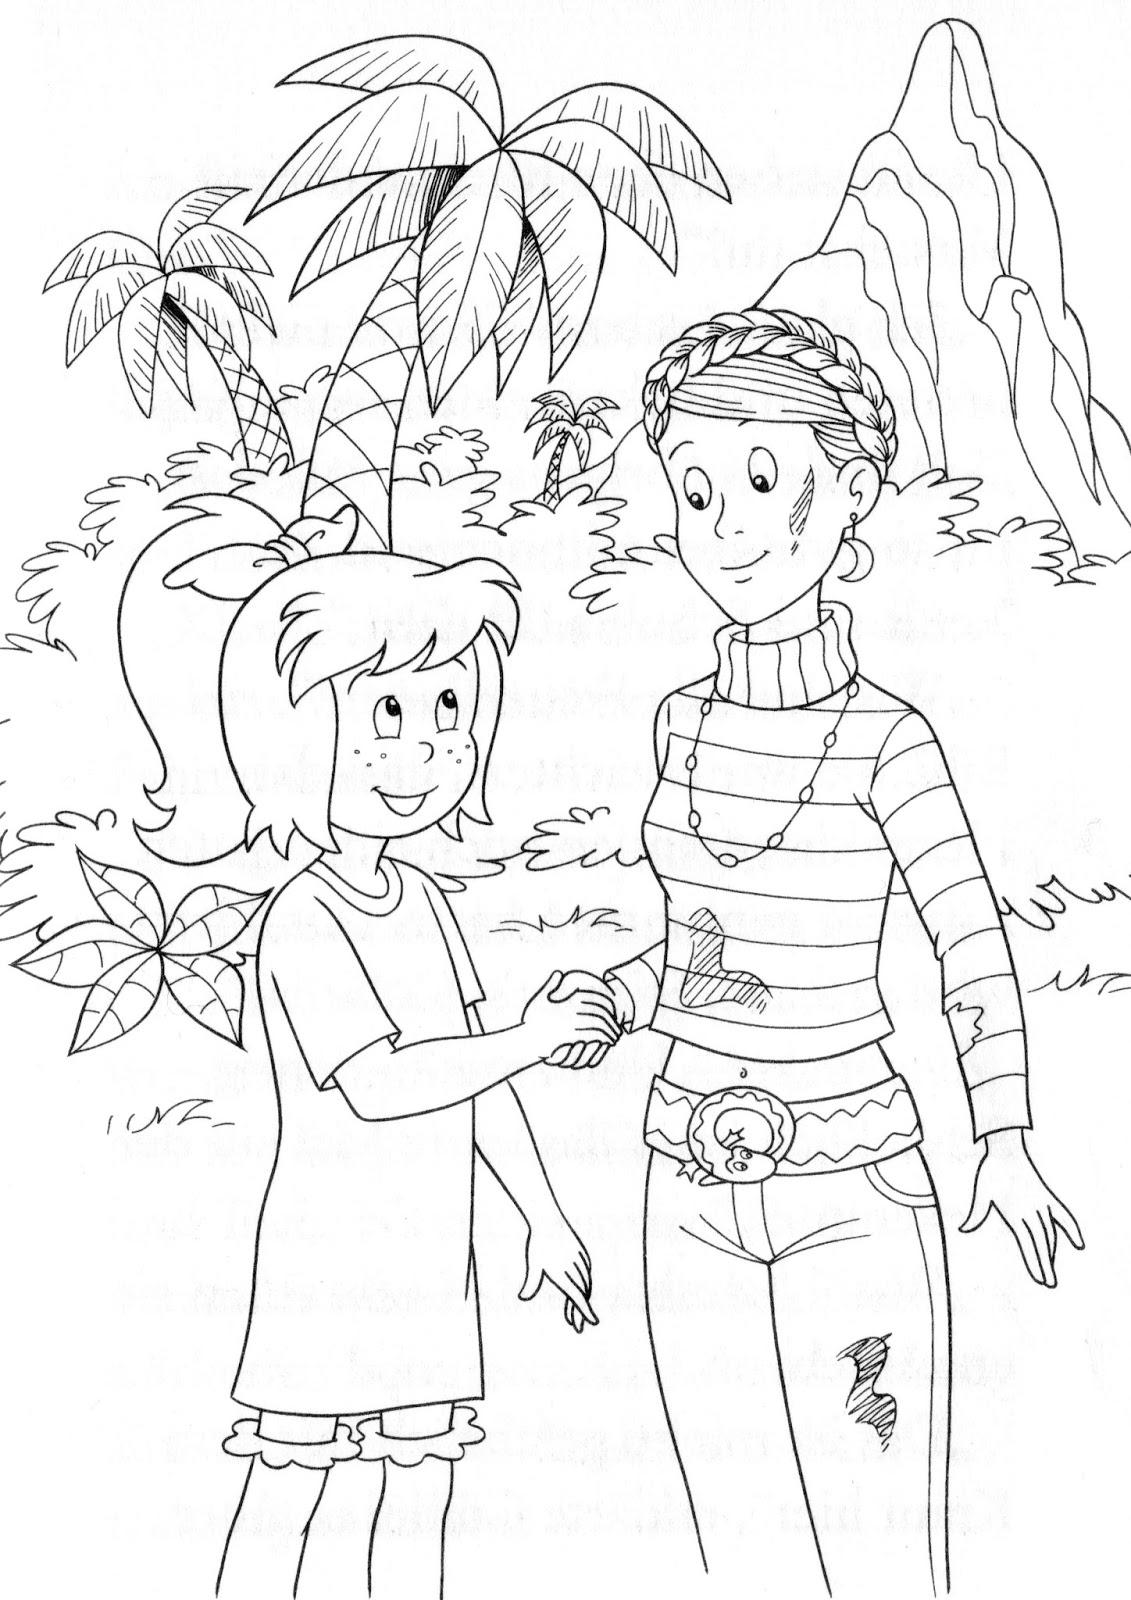 bibi und nastia sind freunde  bibi und schubia aus blocksberg